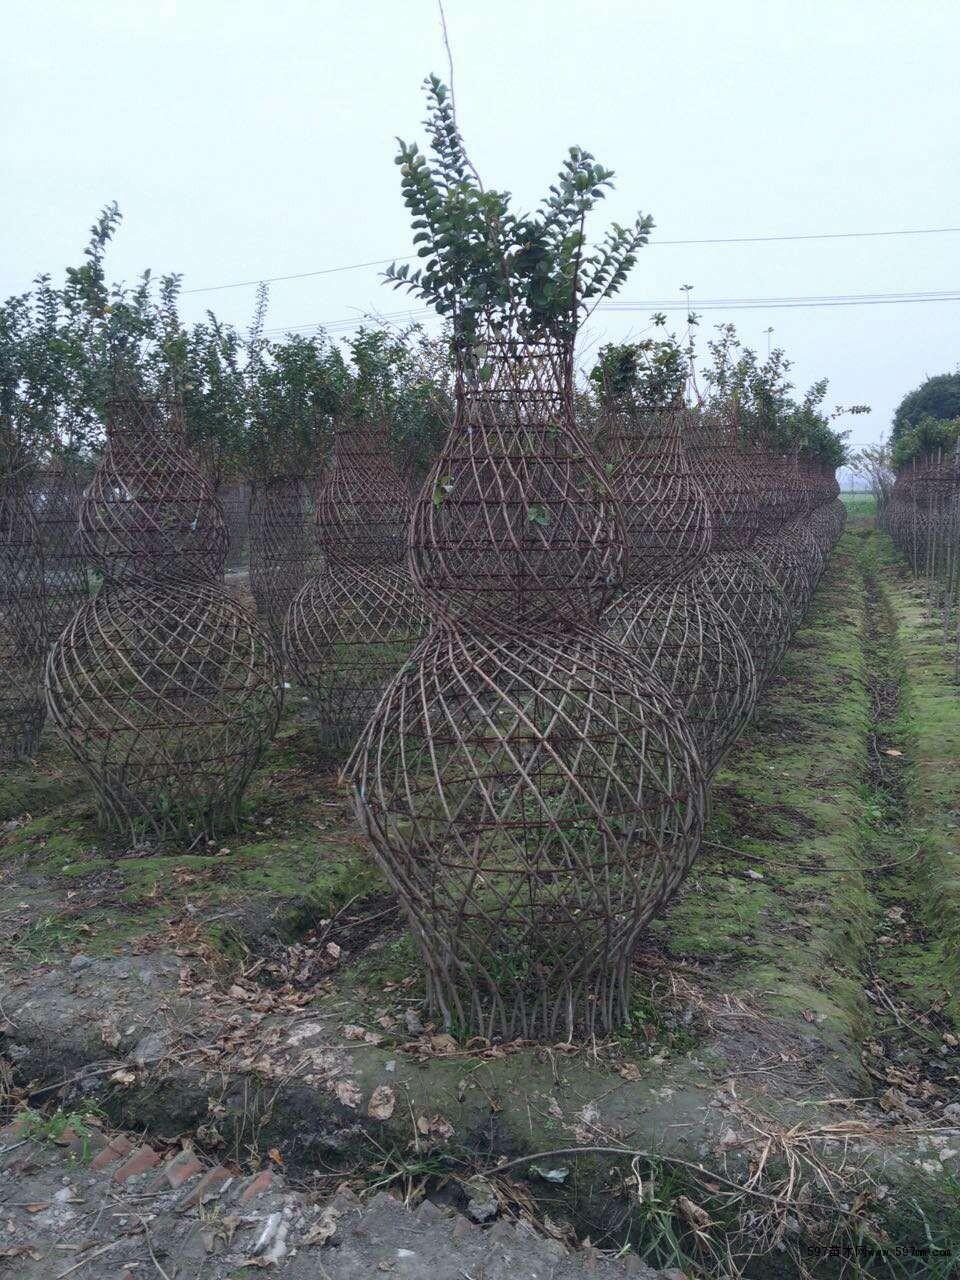 千蜀园林紫薇造型花瓶图片|苗木|苗木图库|597苗木网